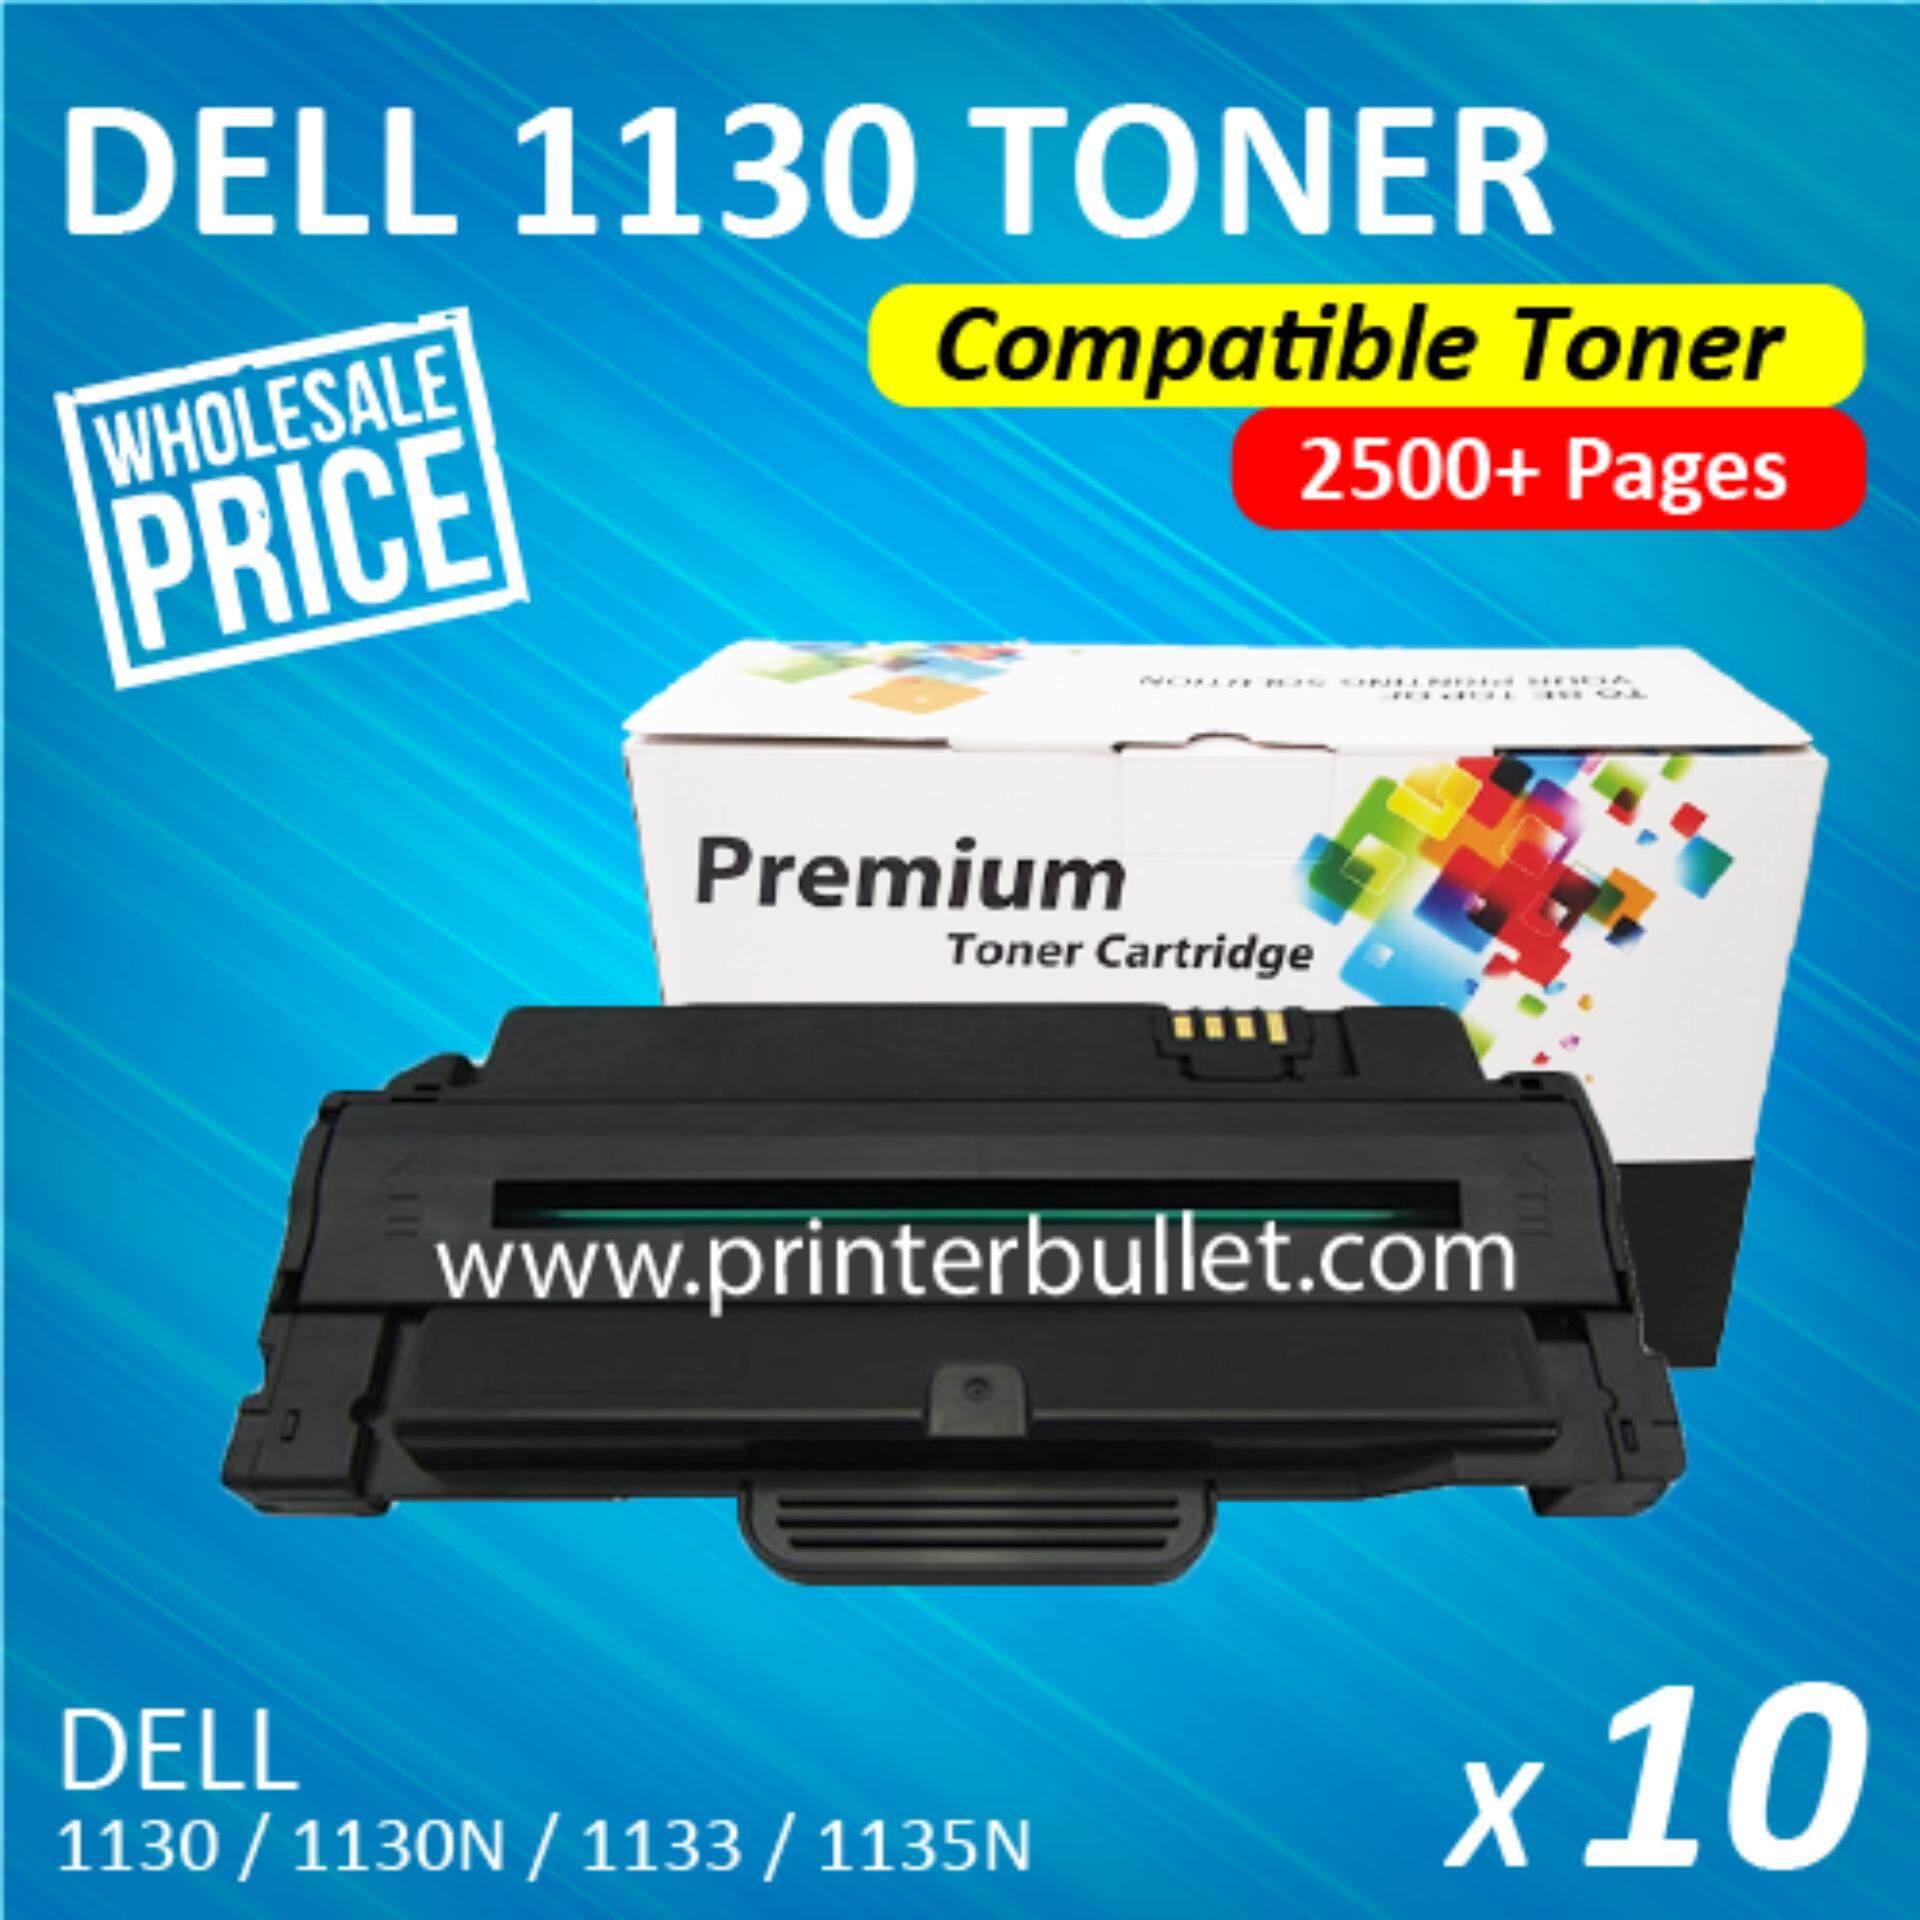 10 unit Dell 1130 / 1130N / 1133 / 1135 / 1135N Compatible Laser Toner Cartridge